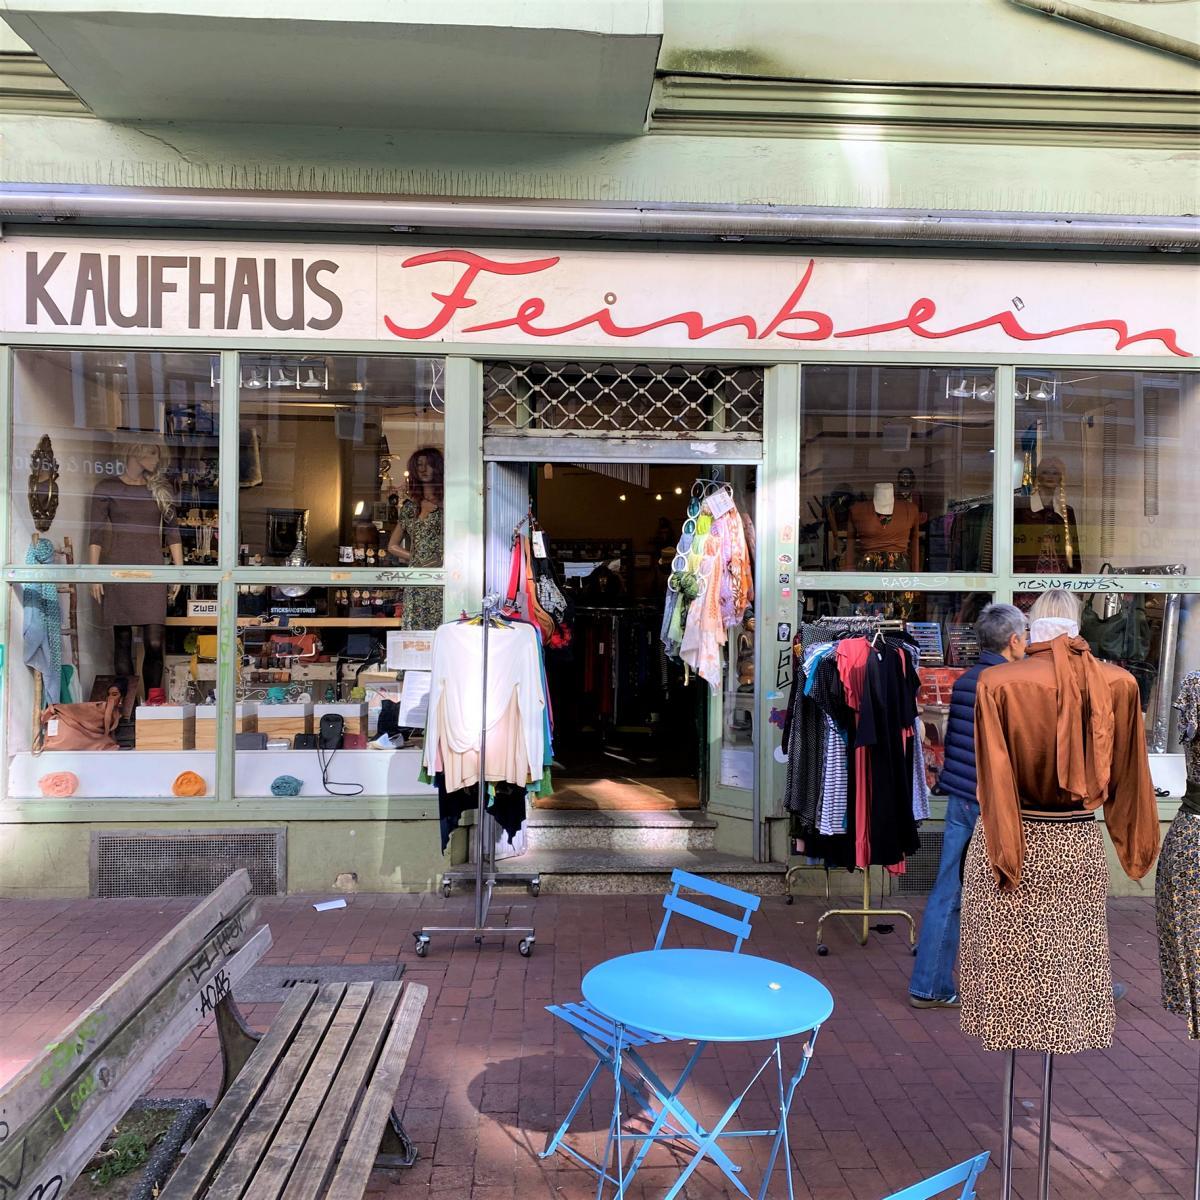 style hannover kaufhaus feinbein 1a - Dein Kiez